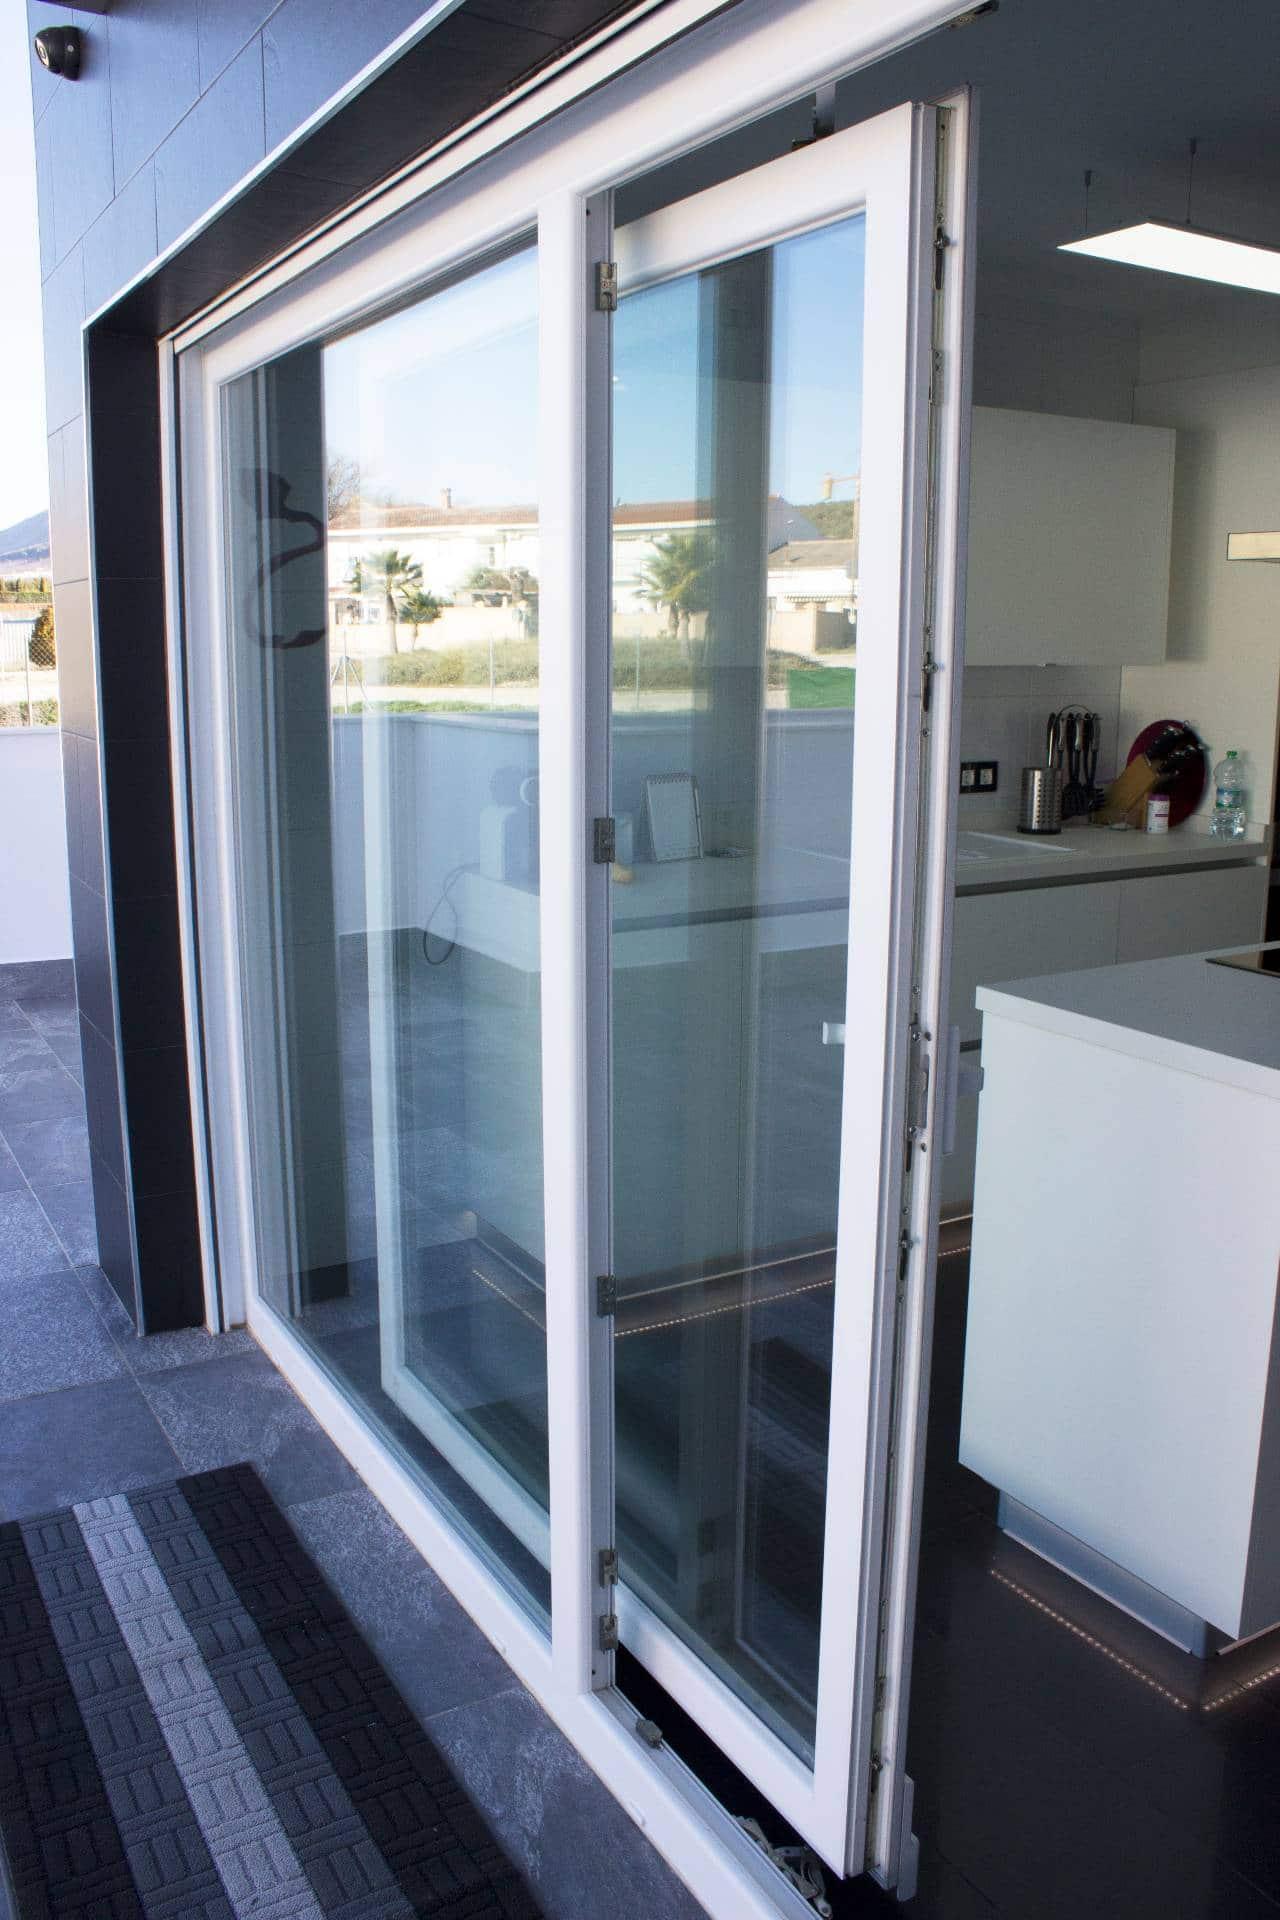 instalaci n de puertas y ventanas de carpinter a pvc en On instalacion de puertas de aluminio